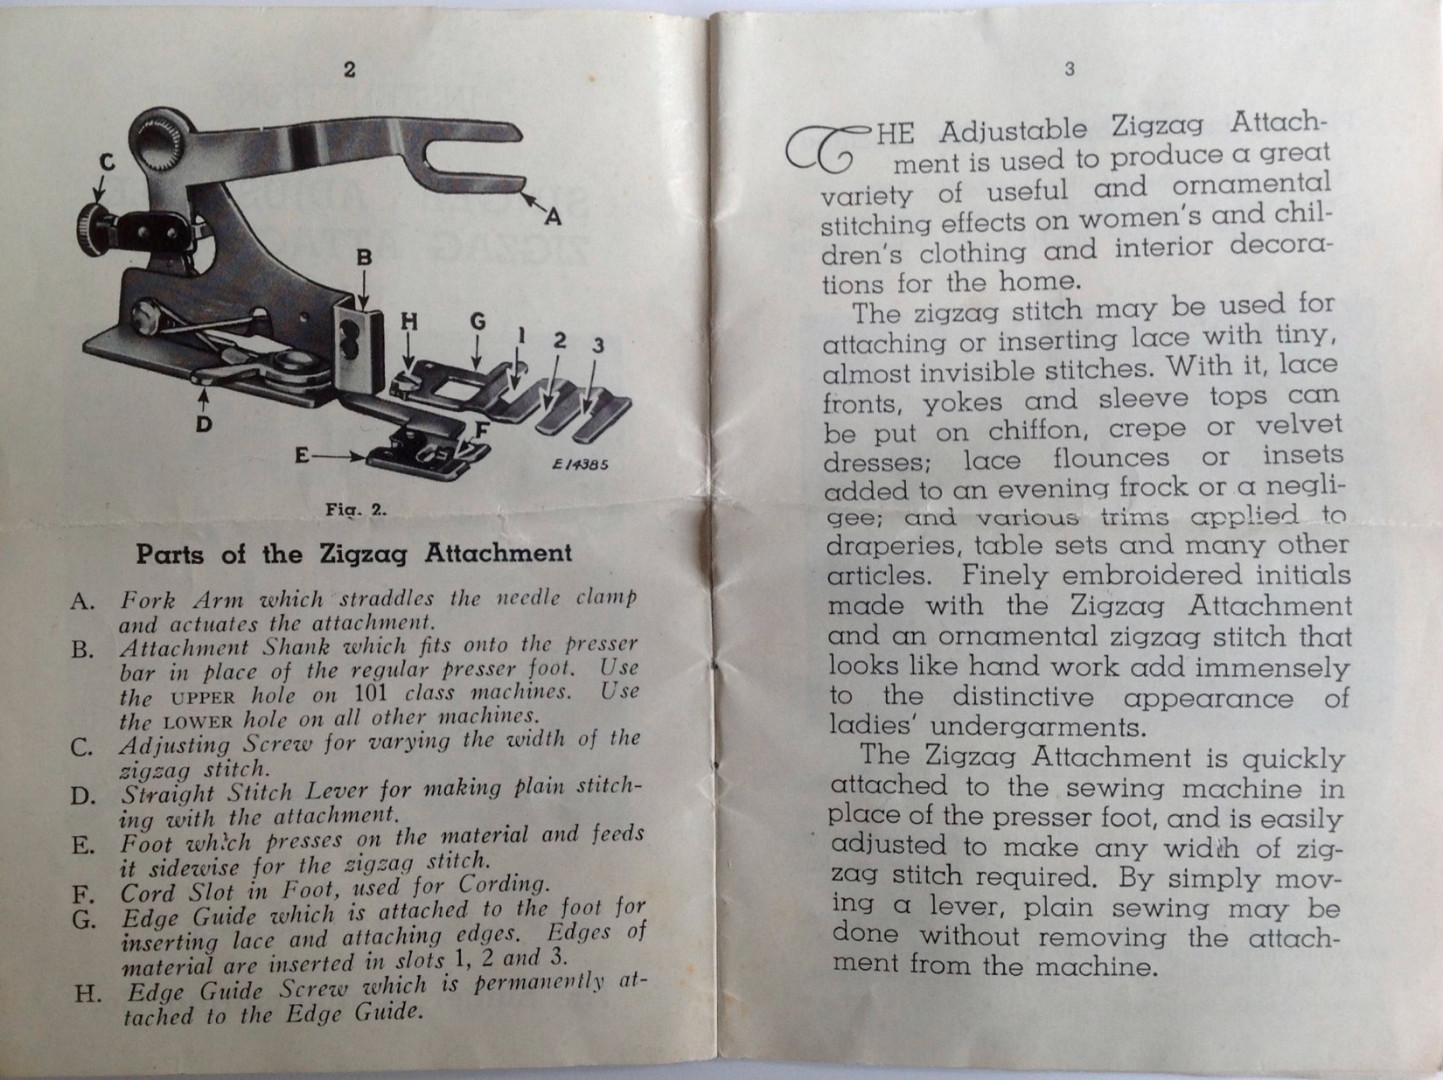 121706-manual-excerpt.jpg